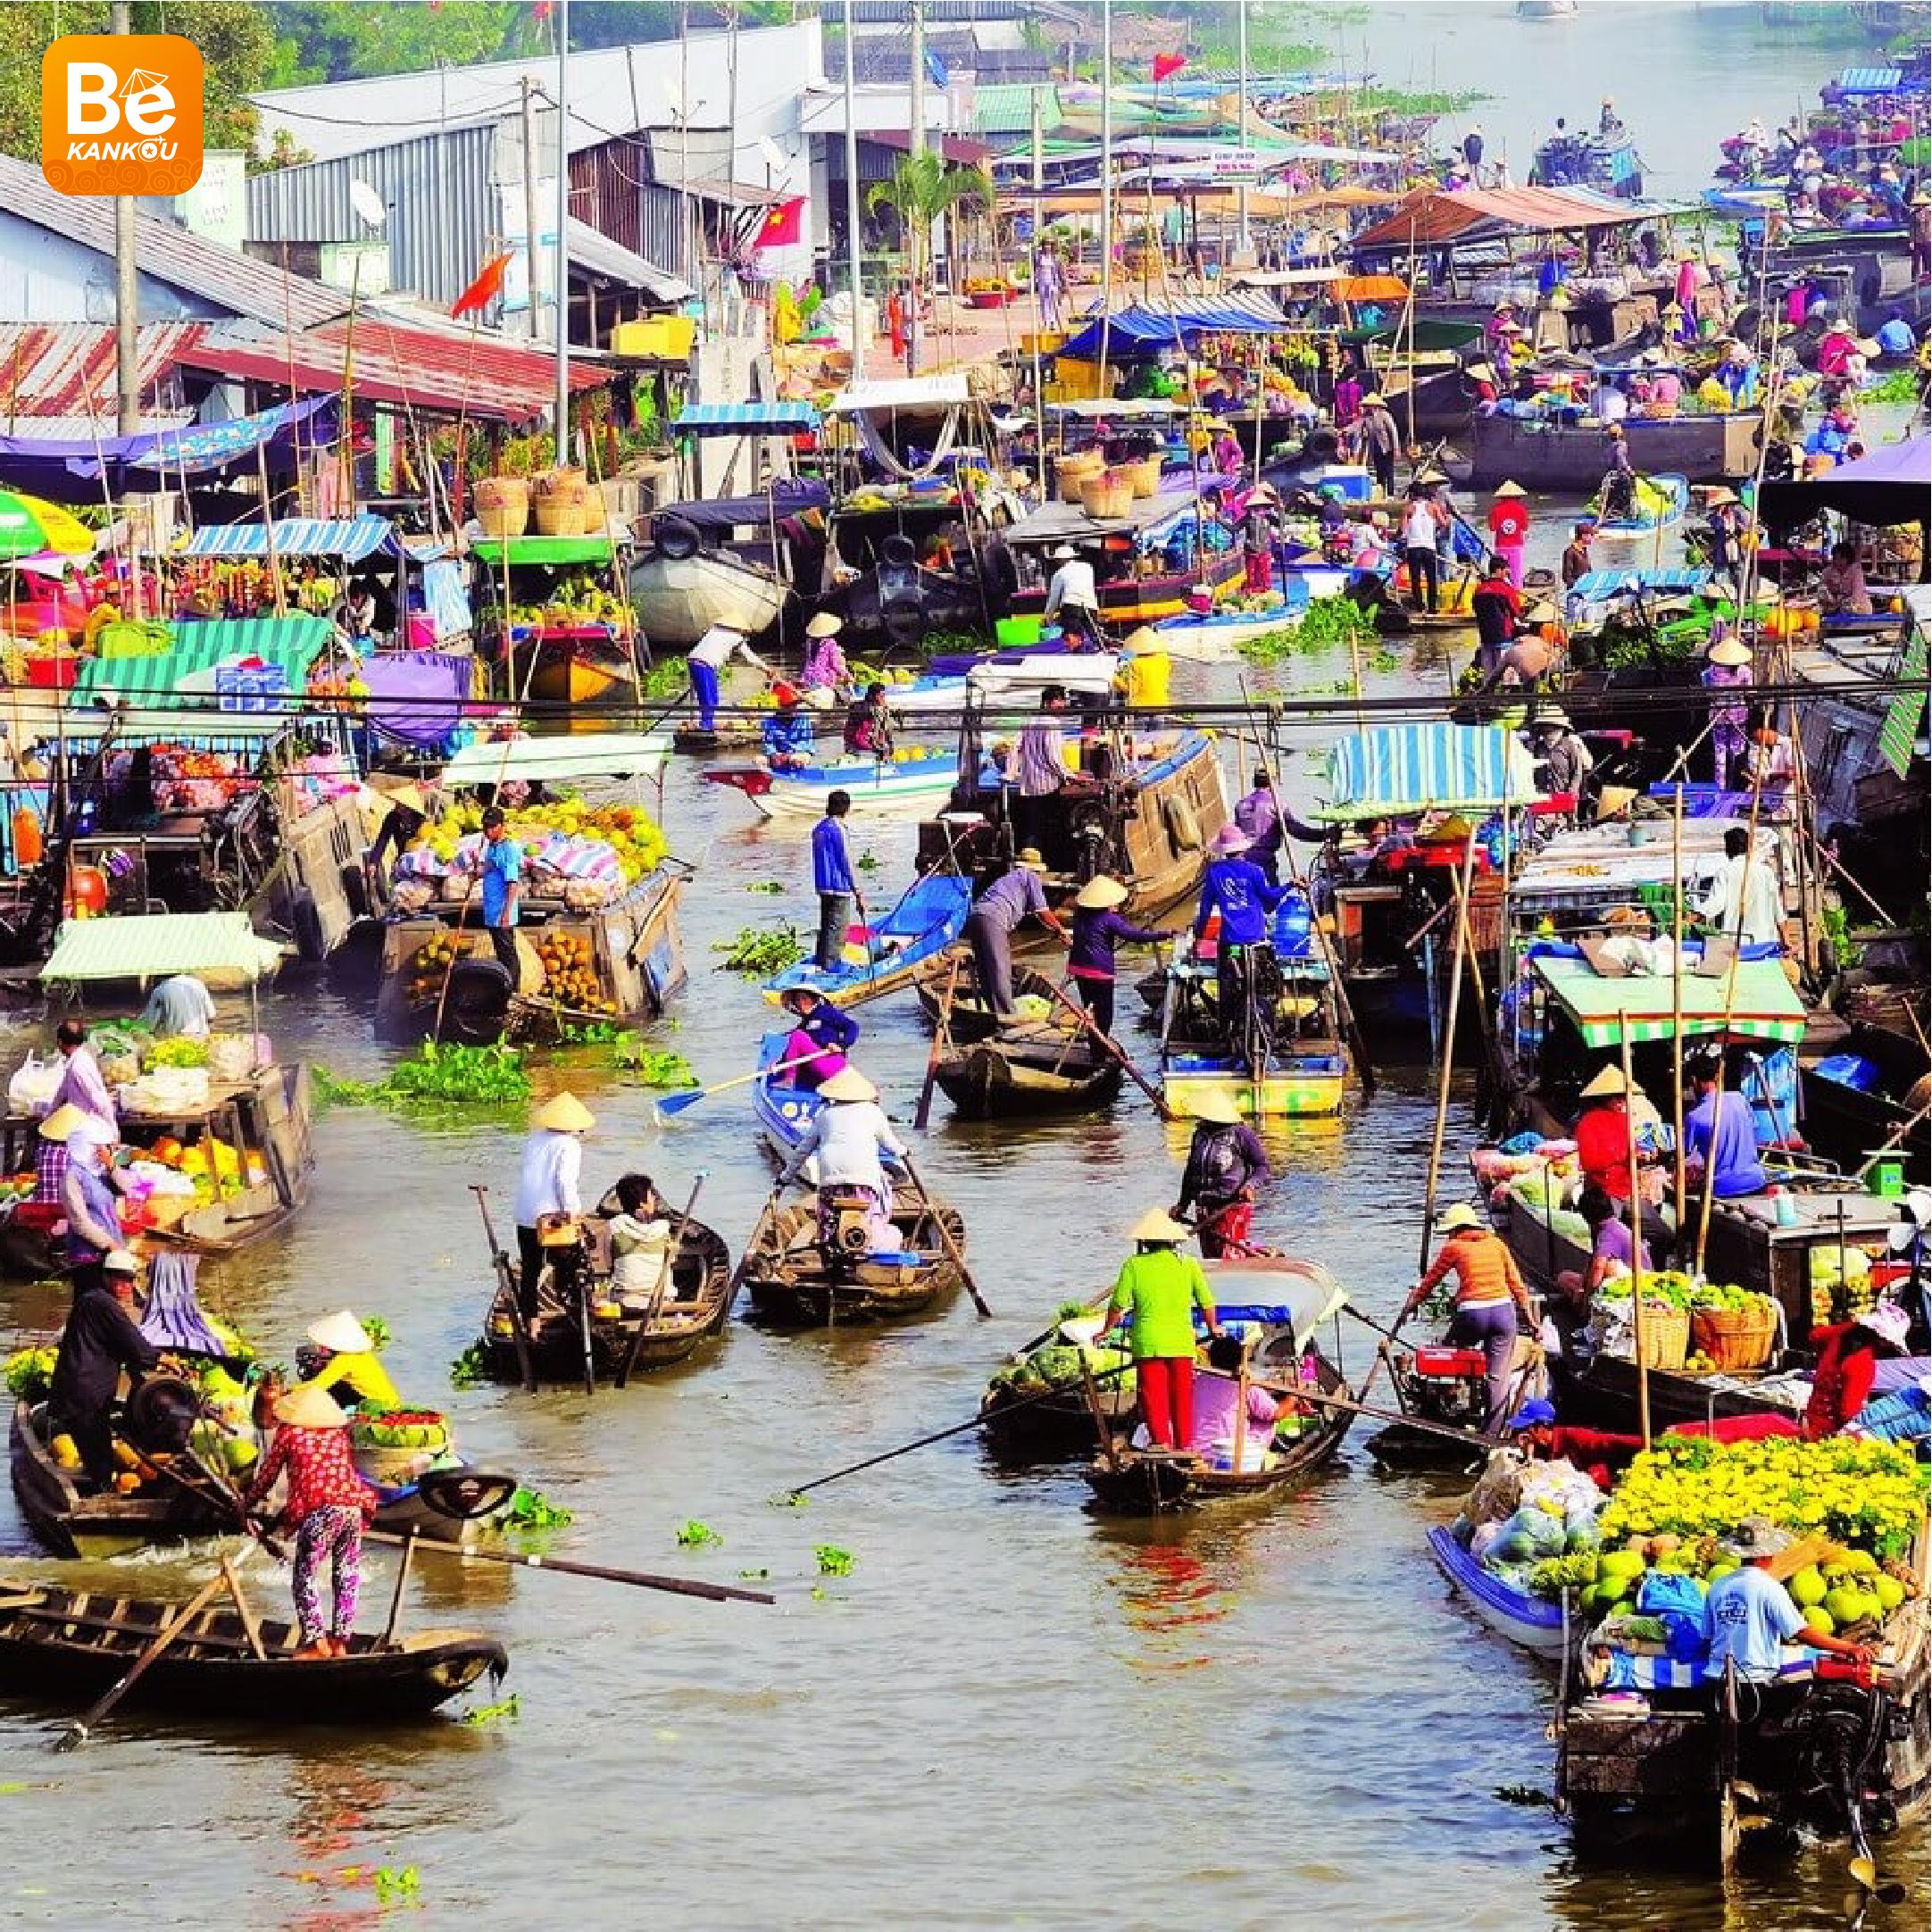 ベトナムの西部を旅行する経験-0119